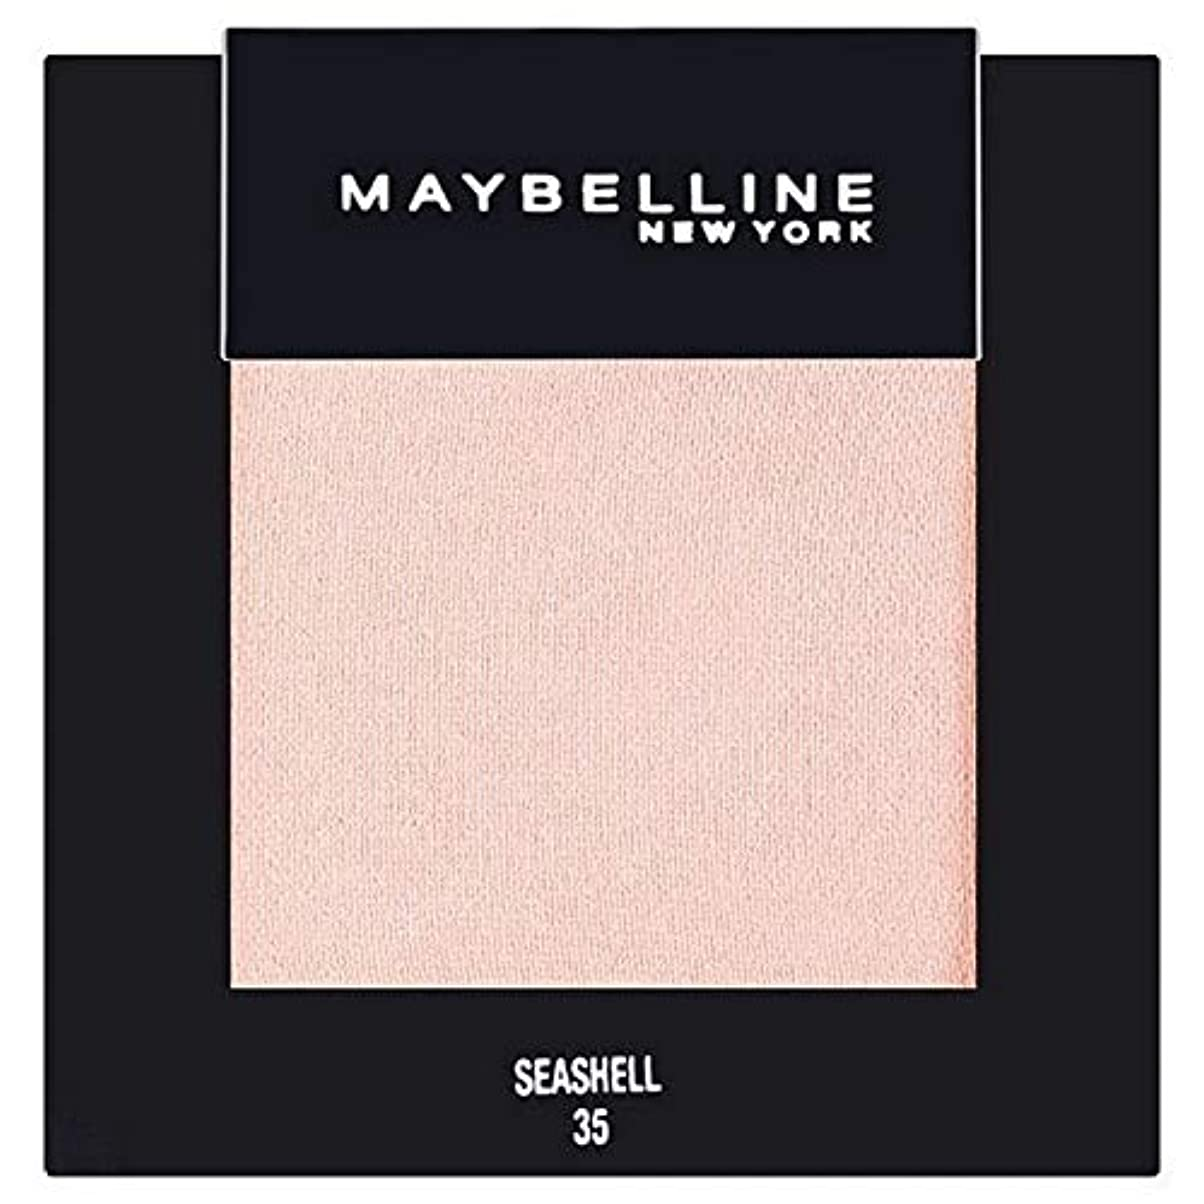 別のラメ女王[Maybelline ] メイベリンカラーショーシングルアイシャドウ35貝殻 - Maybelline Color Show Single Eyeshadow 35 Seashell [並行輸入品]